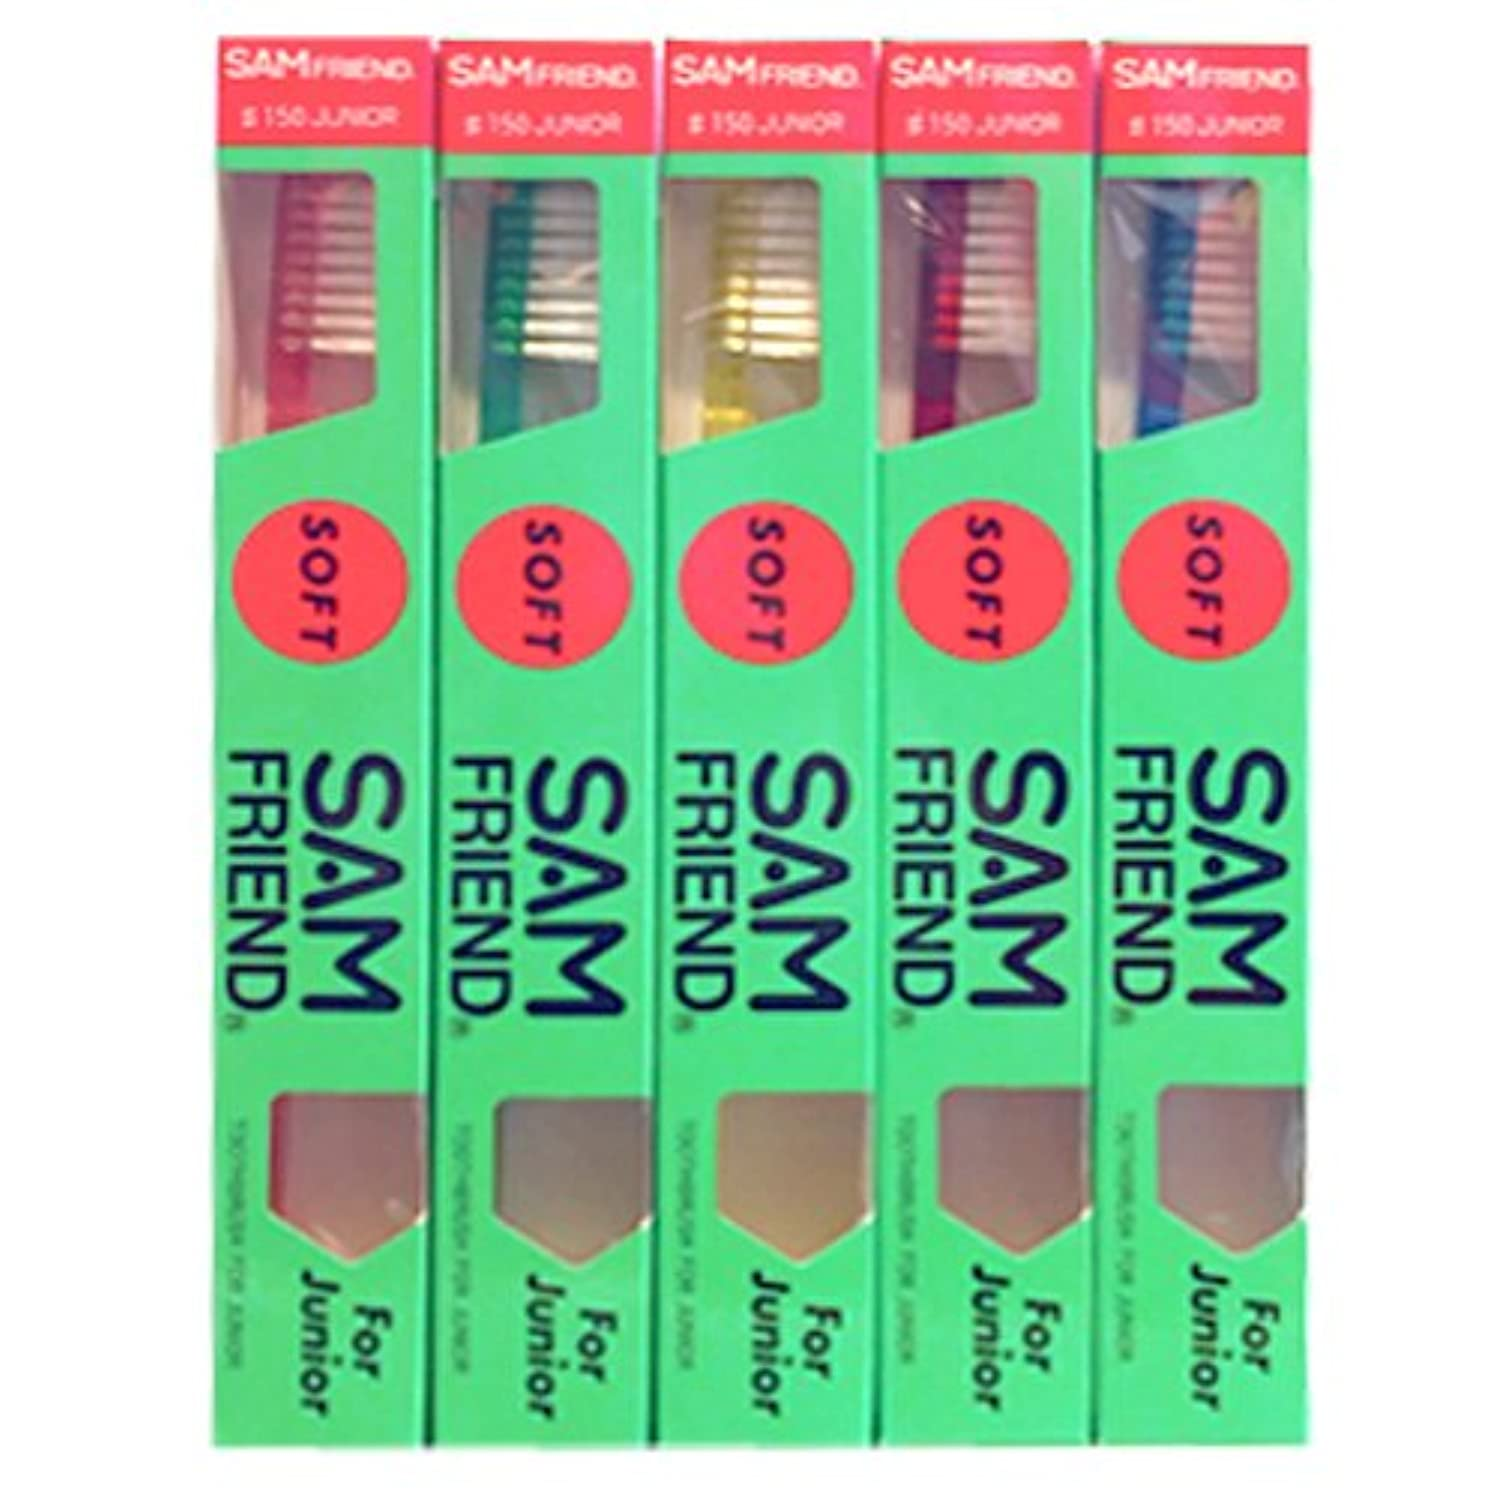 ミッション放射能さようならサムフレンド サムフレンド 歯ブラシ #150ジュニア 5色セット 6~12才用 歯並びが複雑で汚れやすい小さな口 ソフト